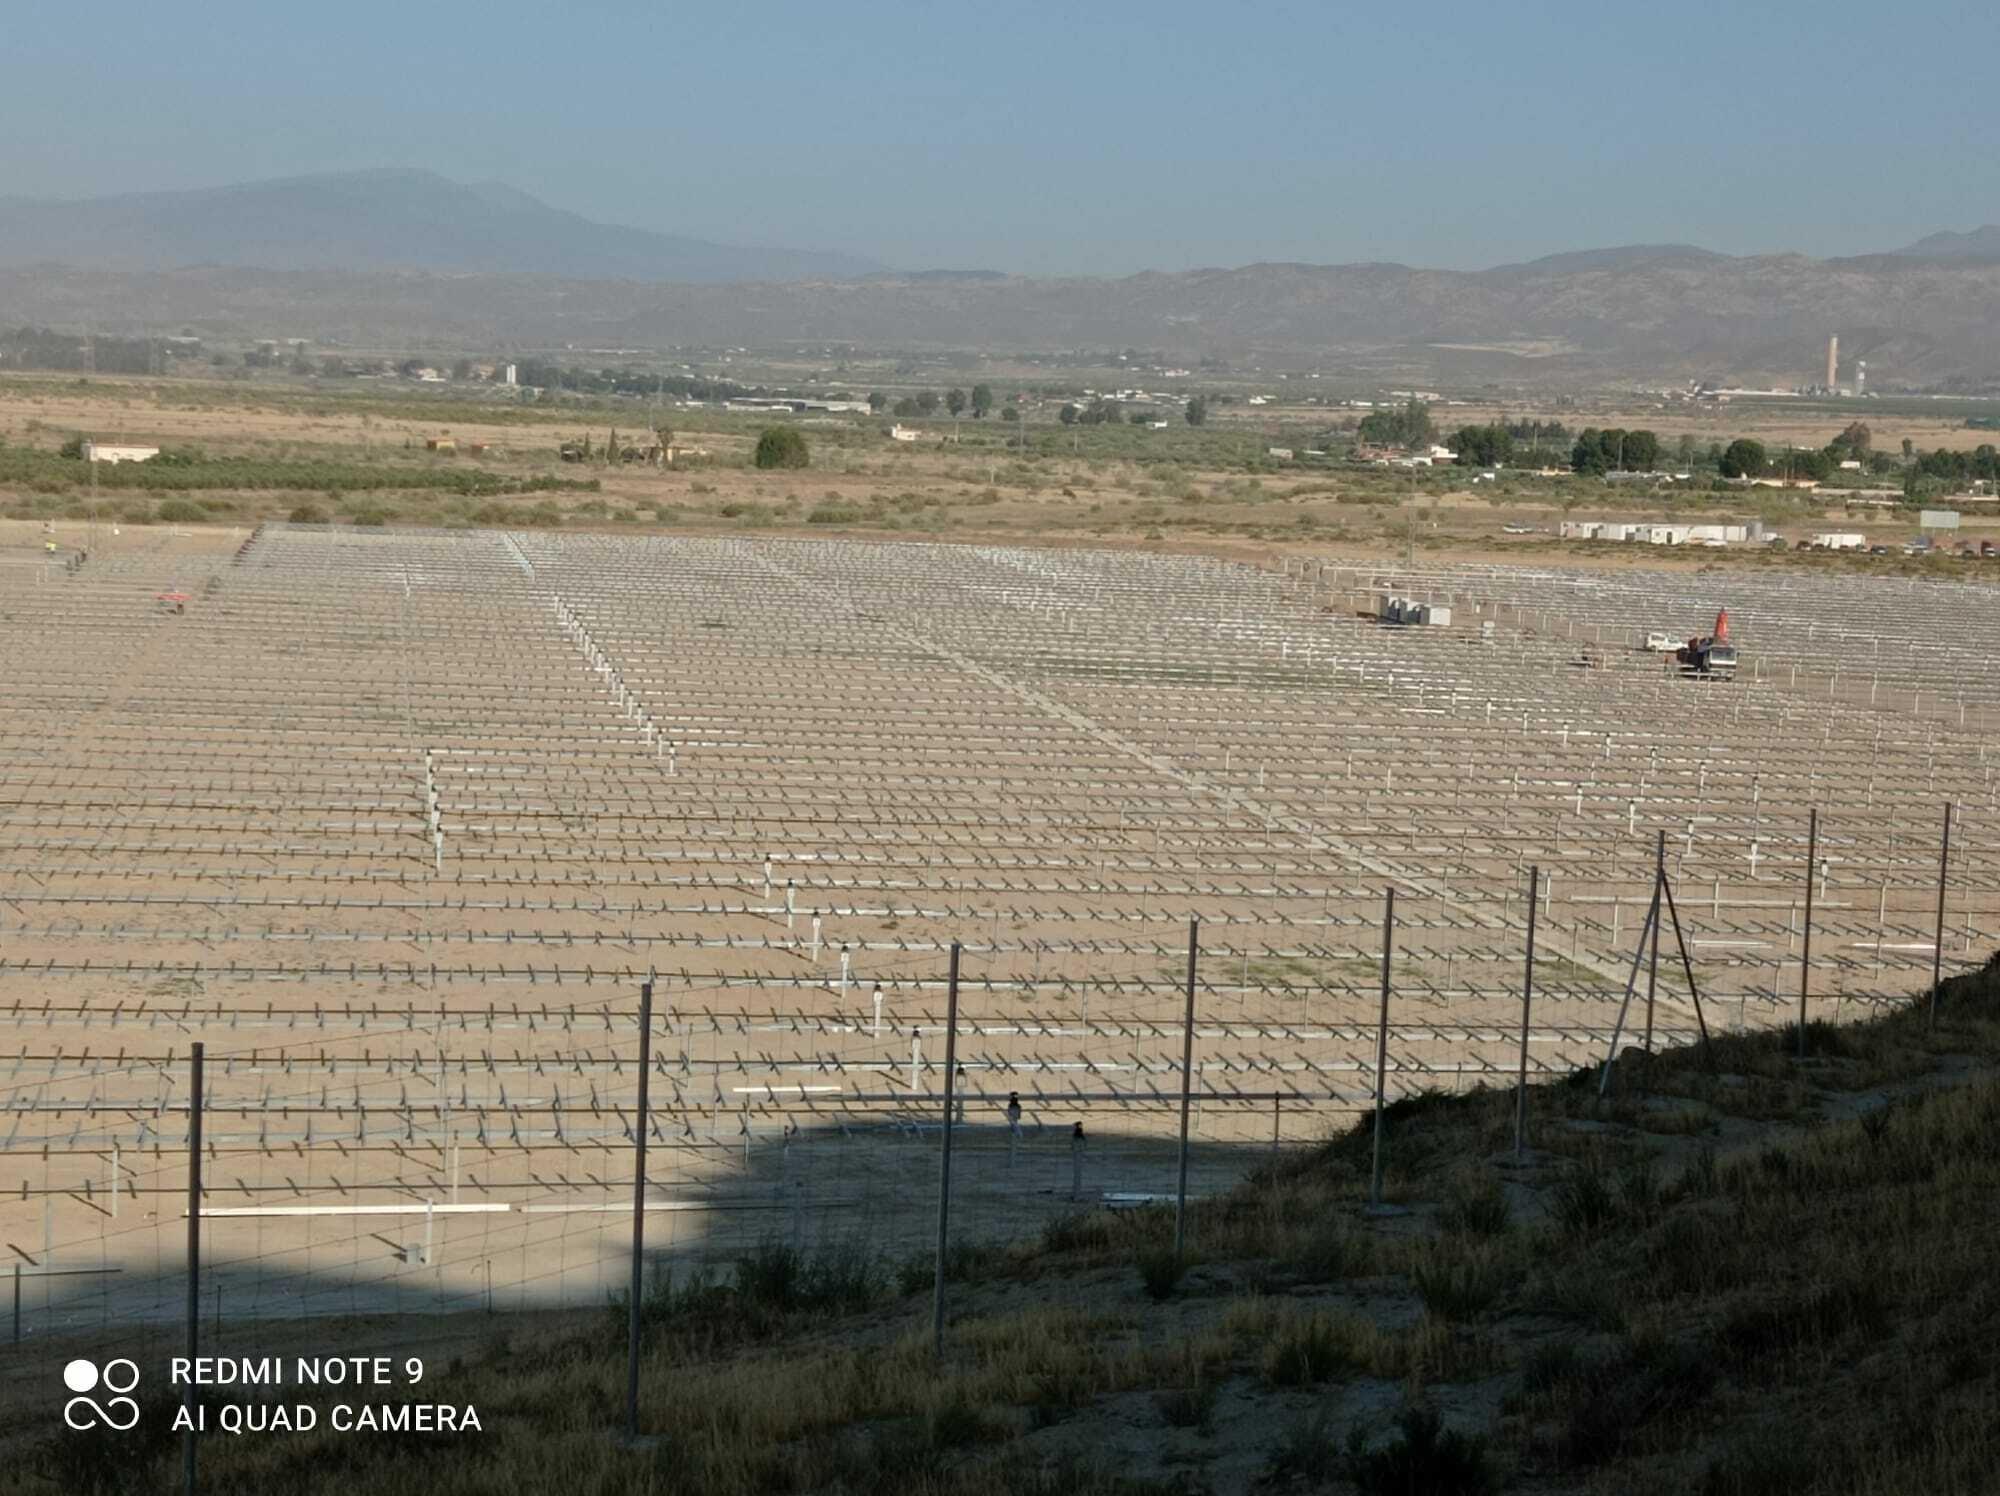 Ein 400Hektar großer Solarpark erstreckt sich über eine besonnte Ebene